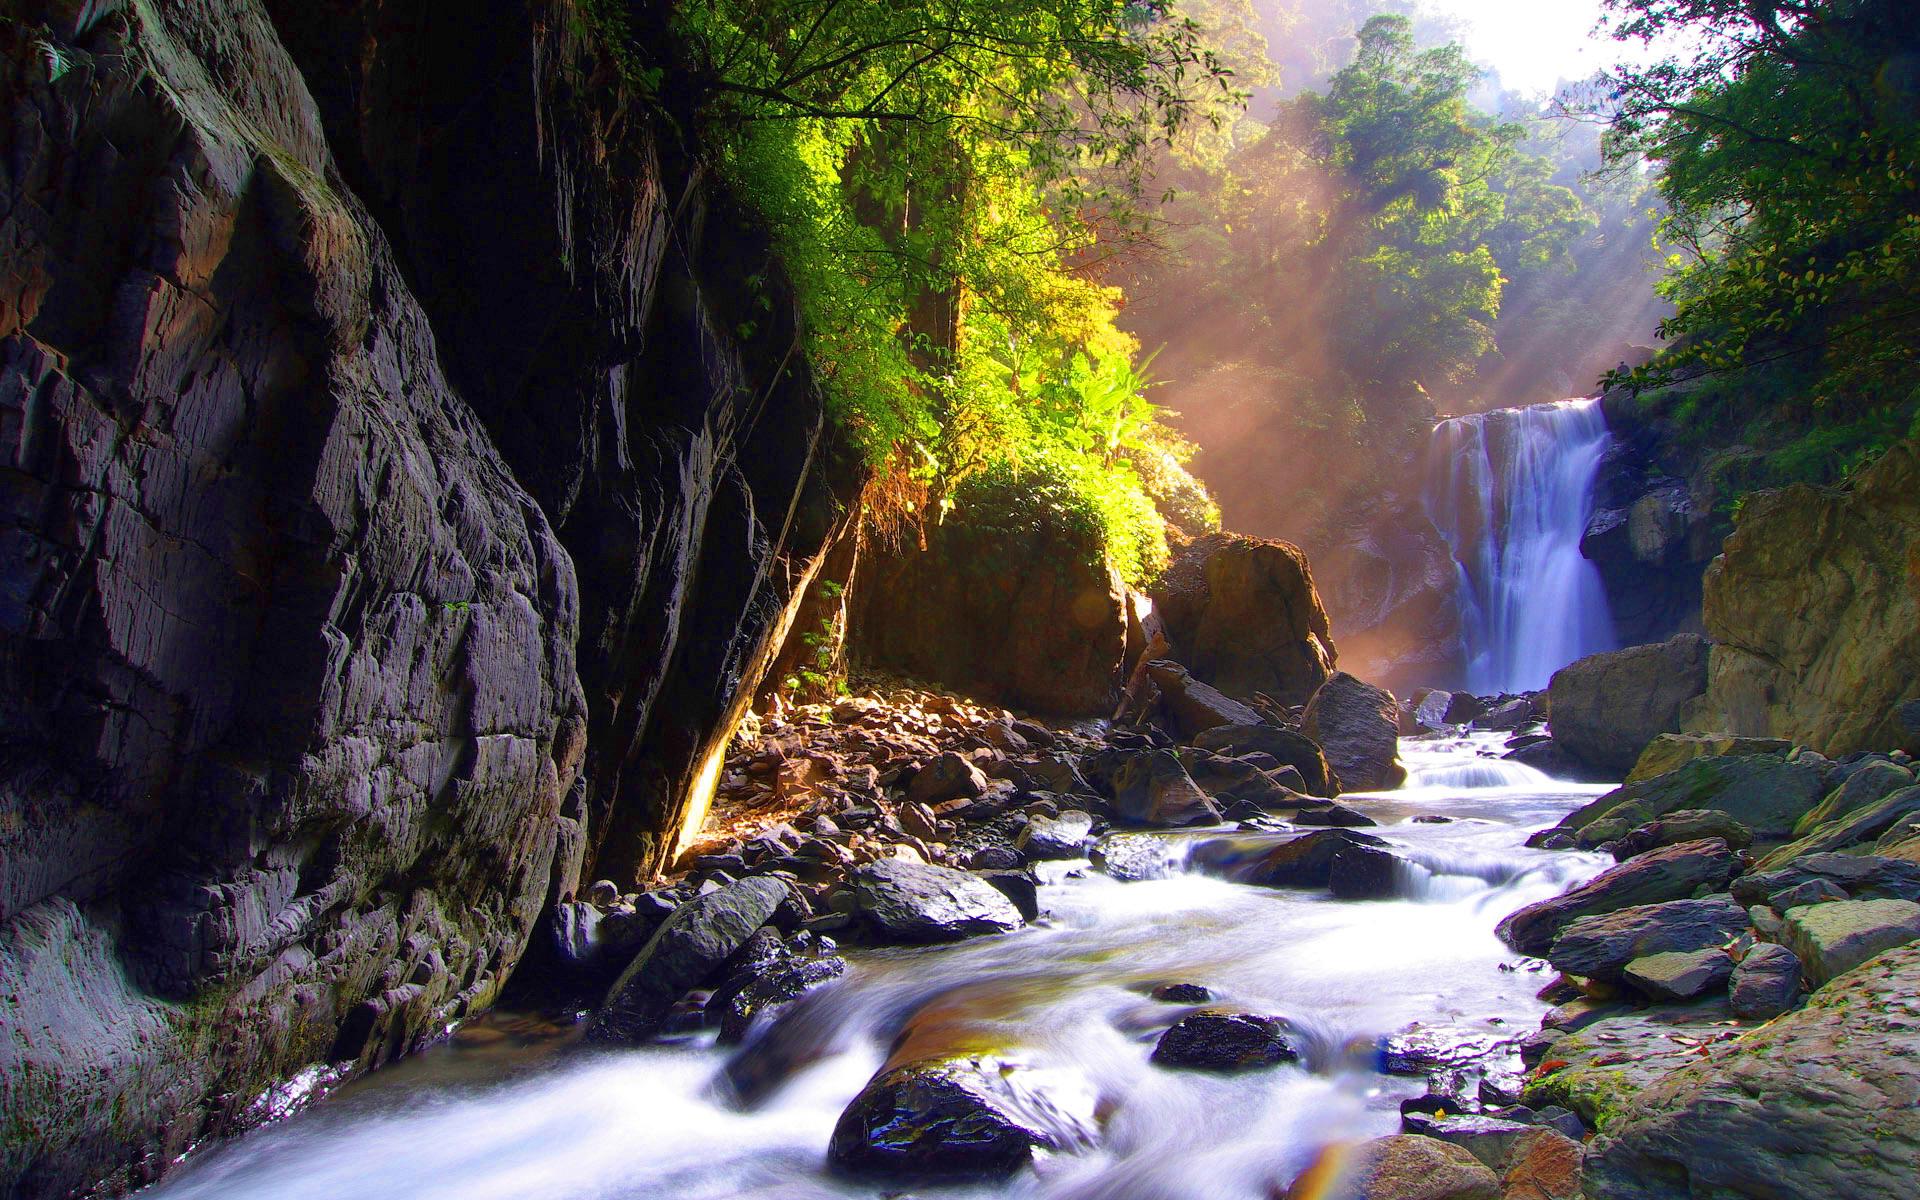 Waterfall Wallpaper Beautiful Hd Desktop Wallpapers 4k Hd